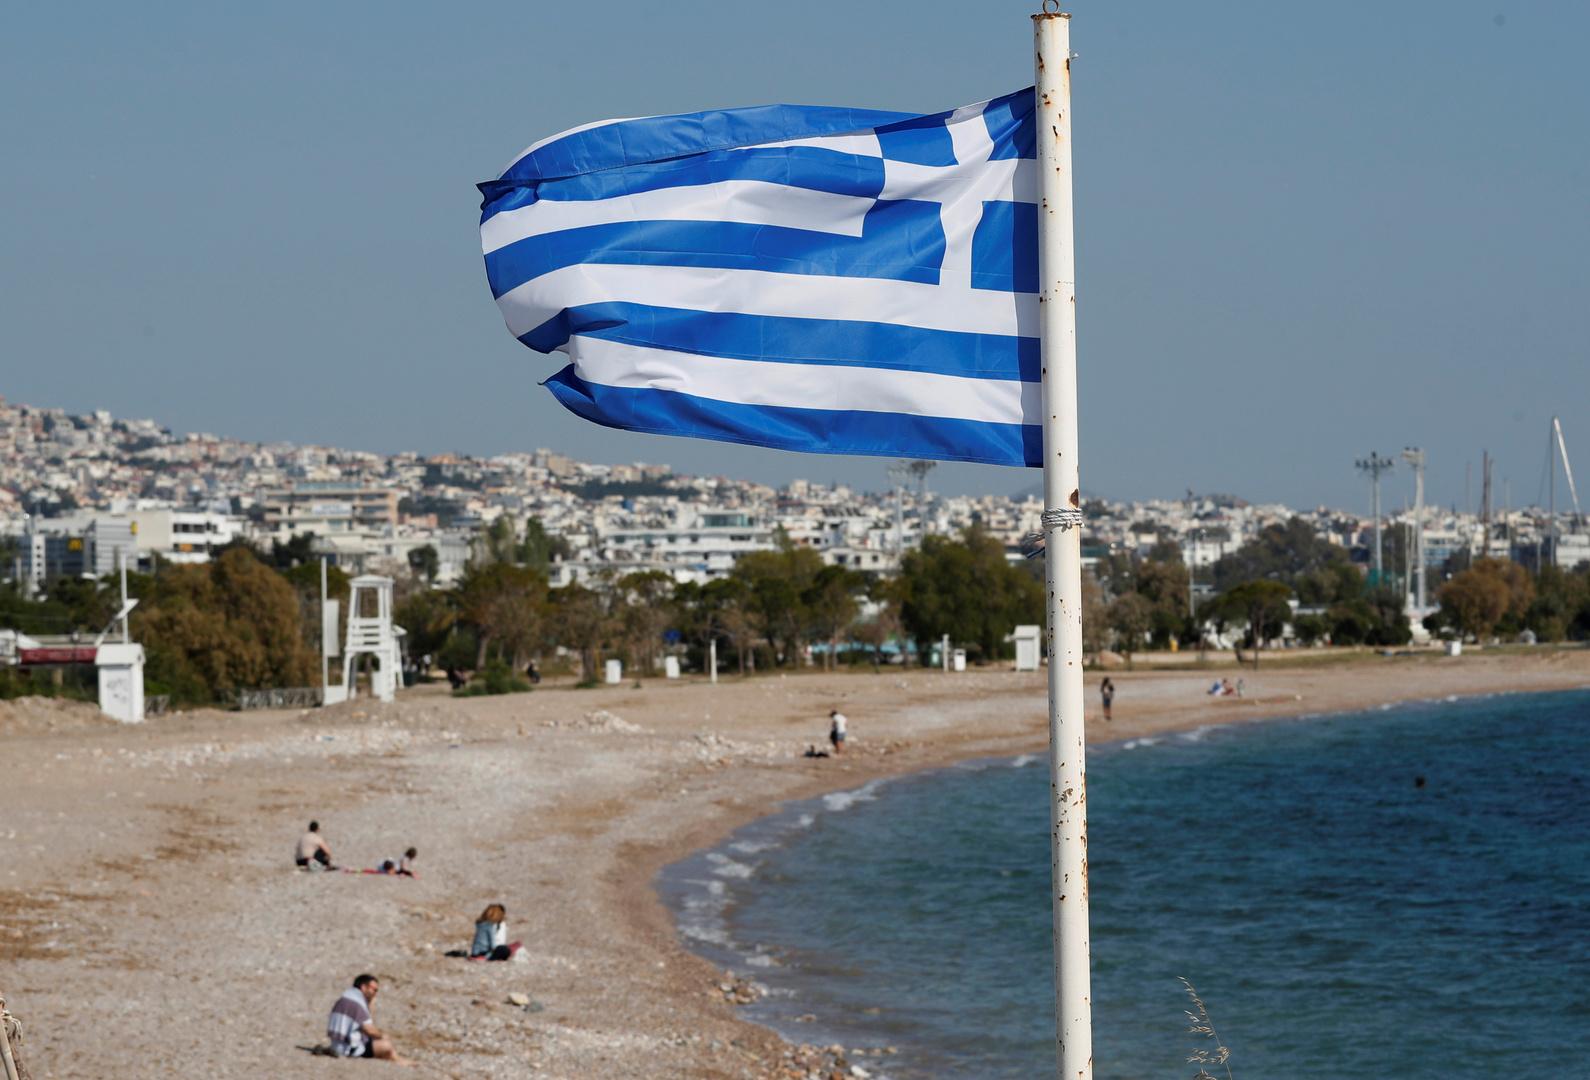 بدعوى إساءات جنسية.. اليونان تصادر أصولا لسفارة فنزويلا في أثينا